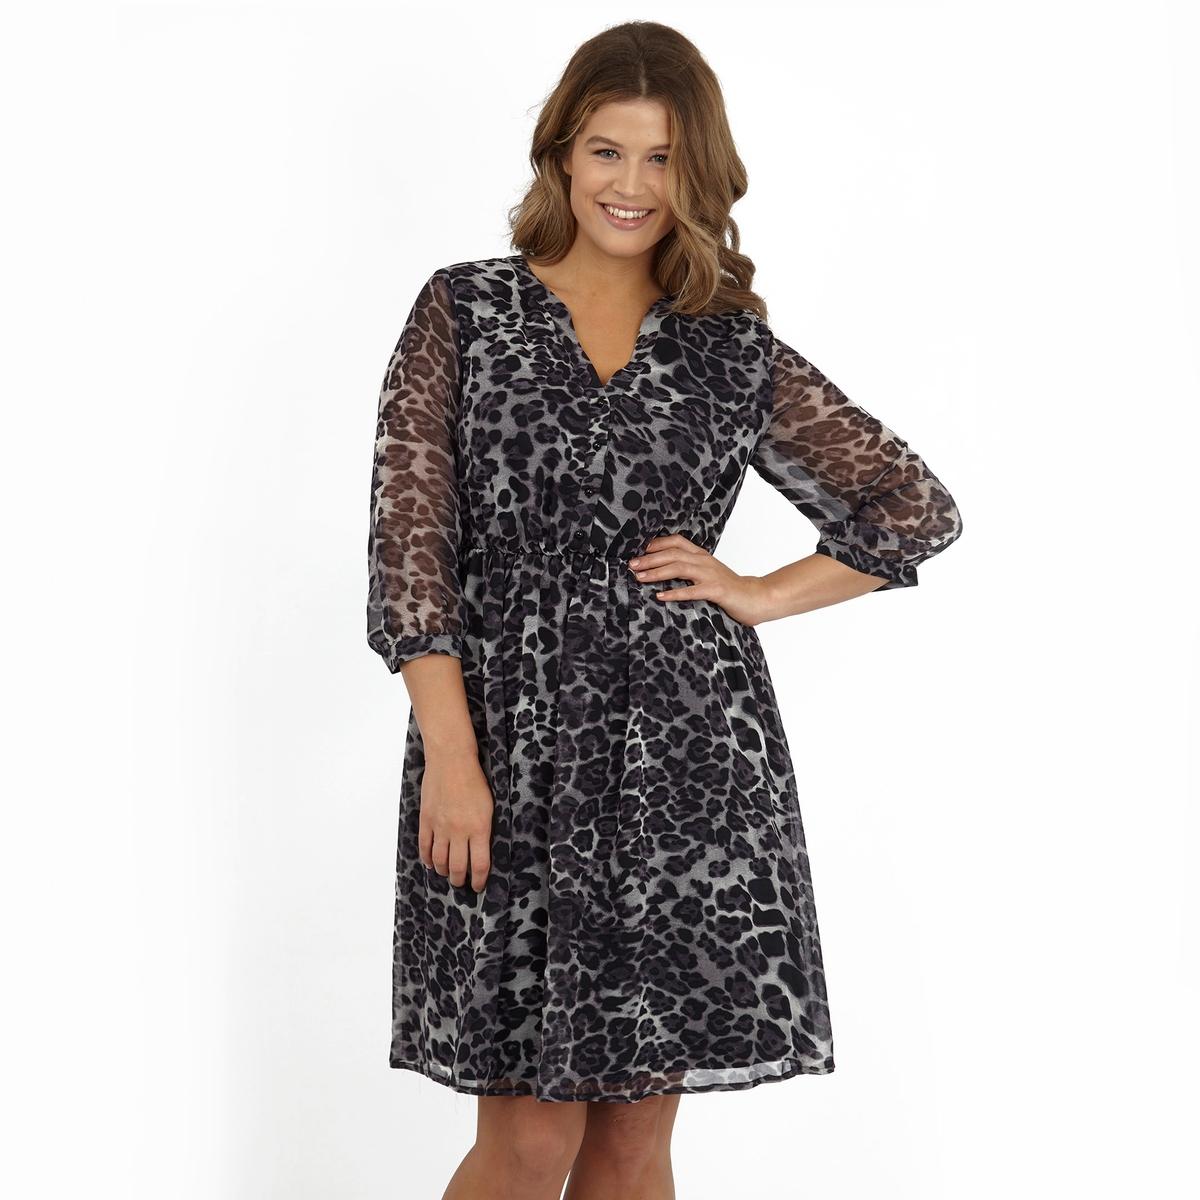 ПлатьеПлатье с длинными рукавами KOKO BY KOKO. Красивый глубокий V-образный вырез. 100% полиэстер.<br><br>Цвет: набивной рисунок<br>Размер: 58/60 (FR) - 64/66 (RUS).54/56 (FR) - 60/62 (RUS)